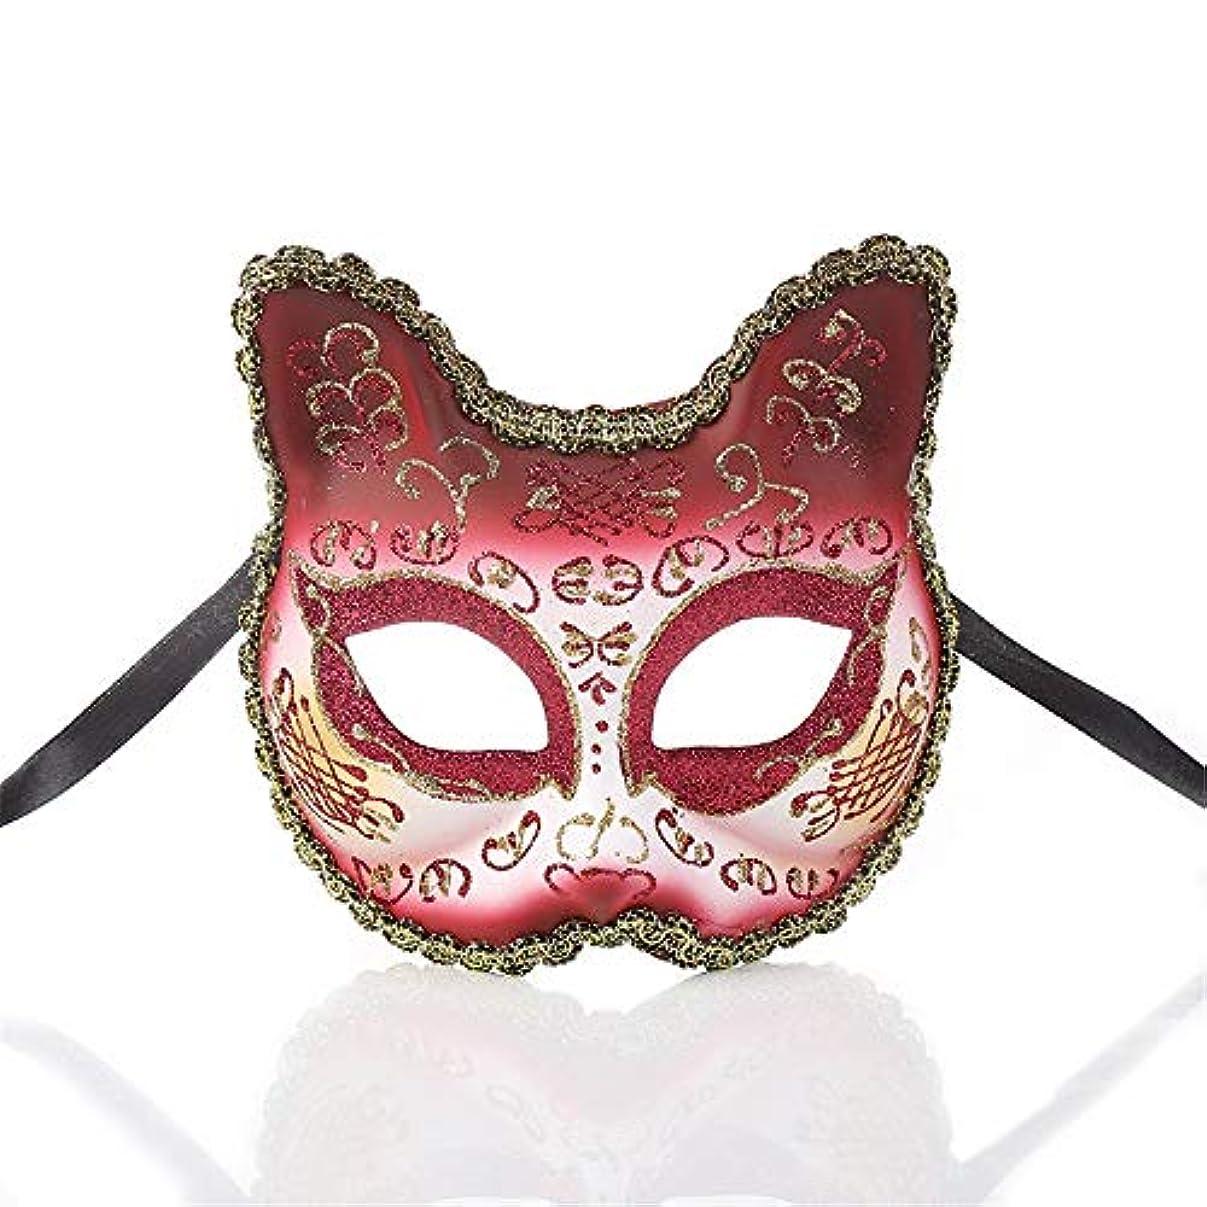 に対応レンダー吸収剤ダンスマスク ワイルドマスカレードロールプレイングパーティーの小道具ナイトクラブのマスクの雰囲気クリスマスフェスティバルロールプレイングプラスチックマスク ホリデーパーティー用品 (色 : ワインレッド, サイズ : 13x13cm)